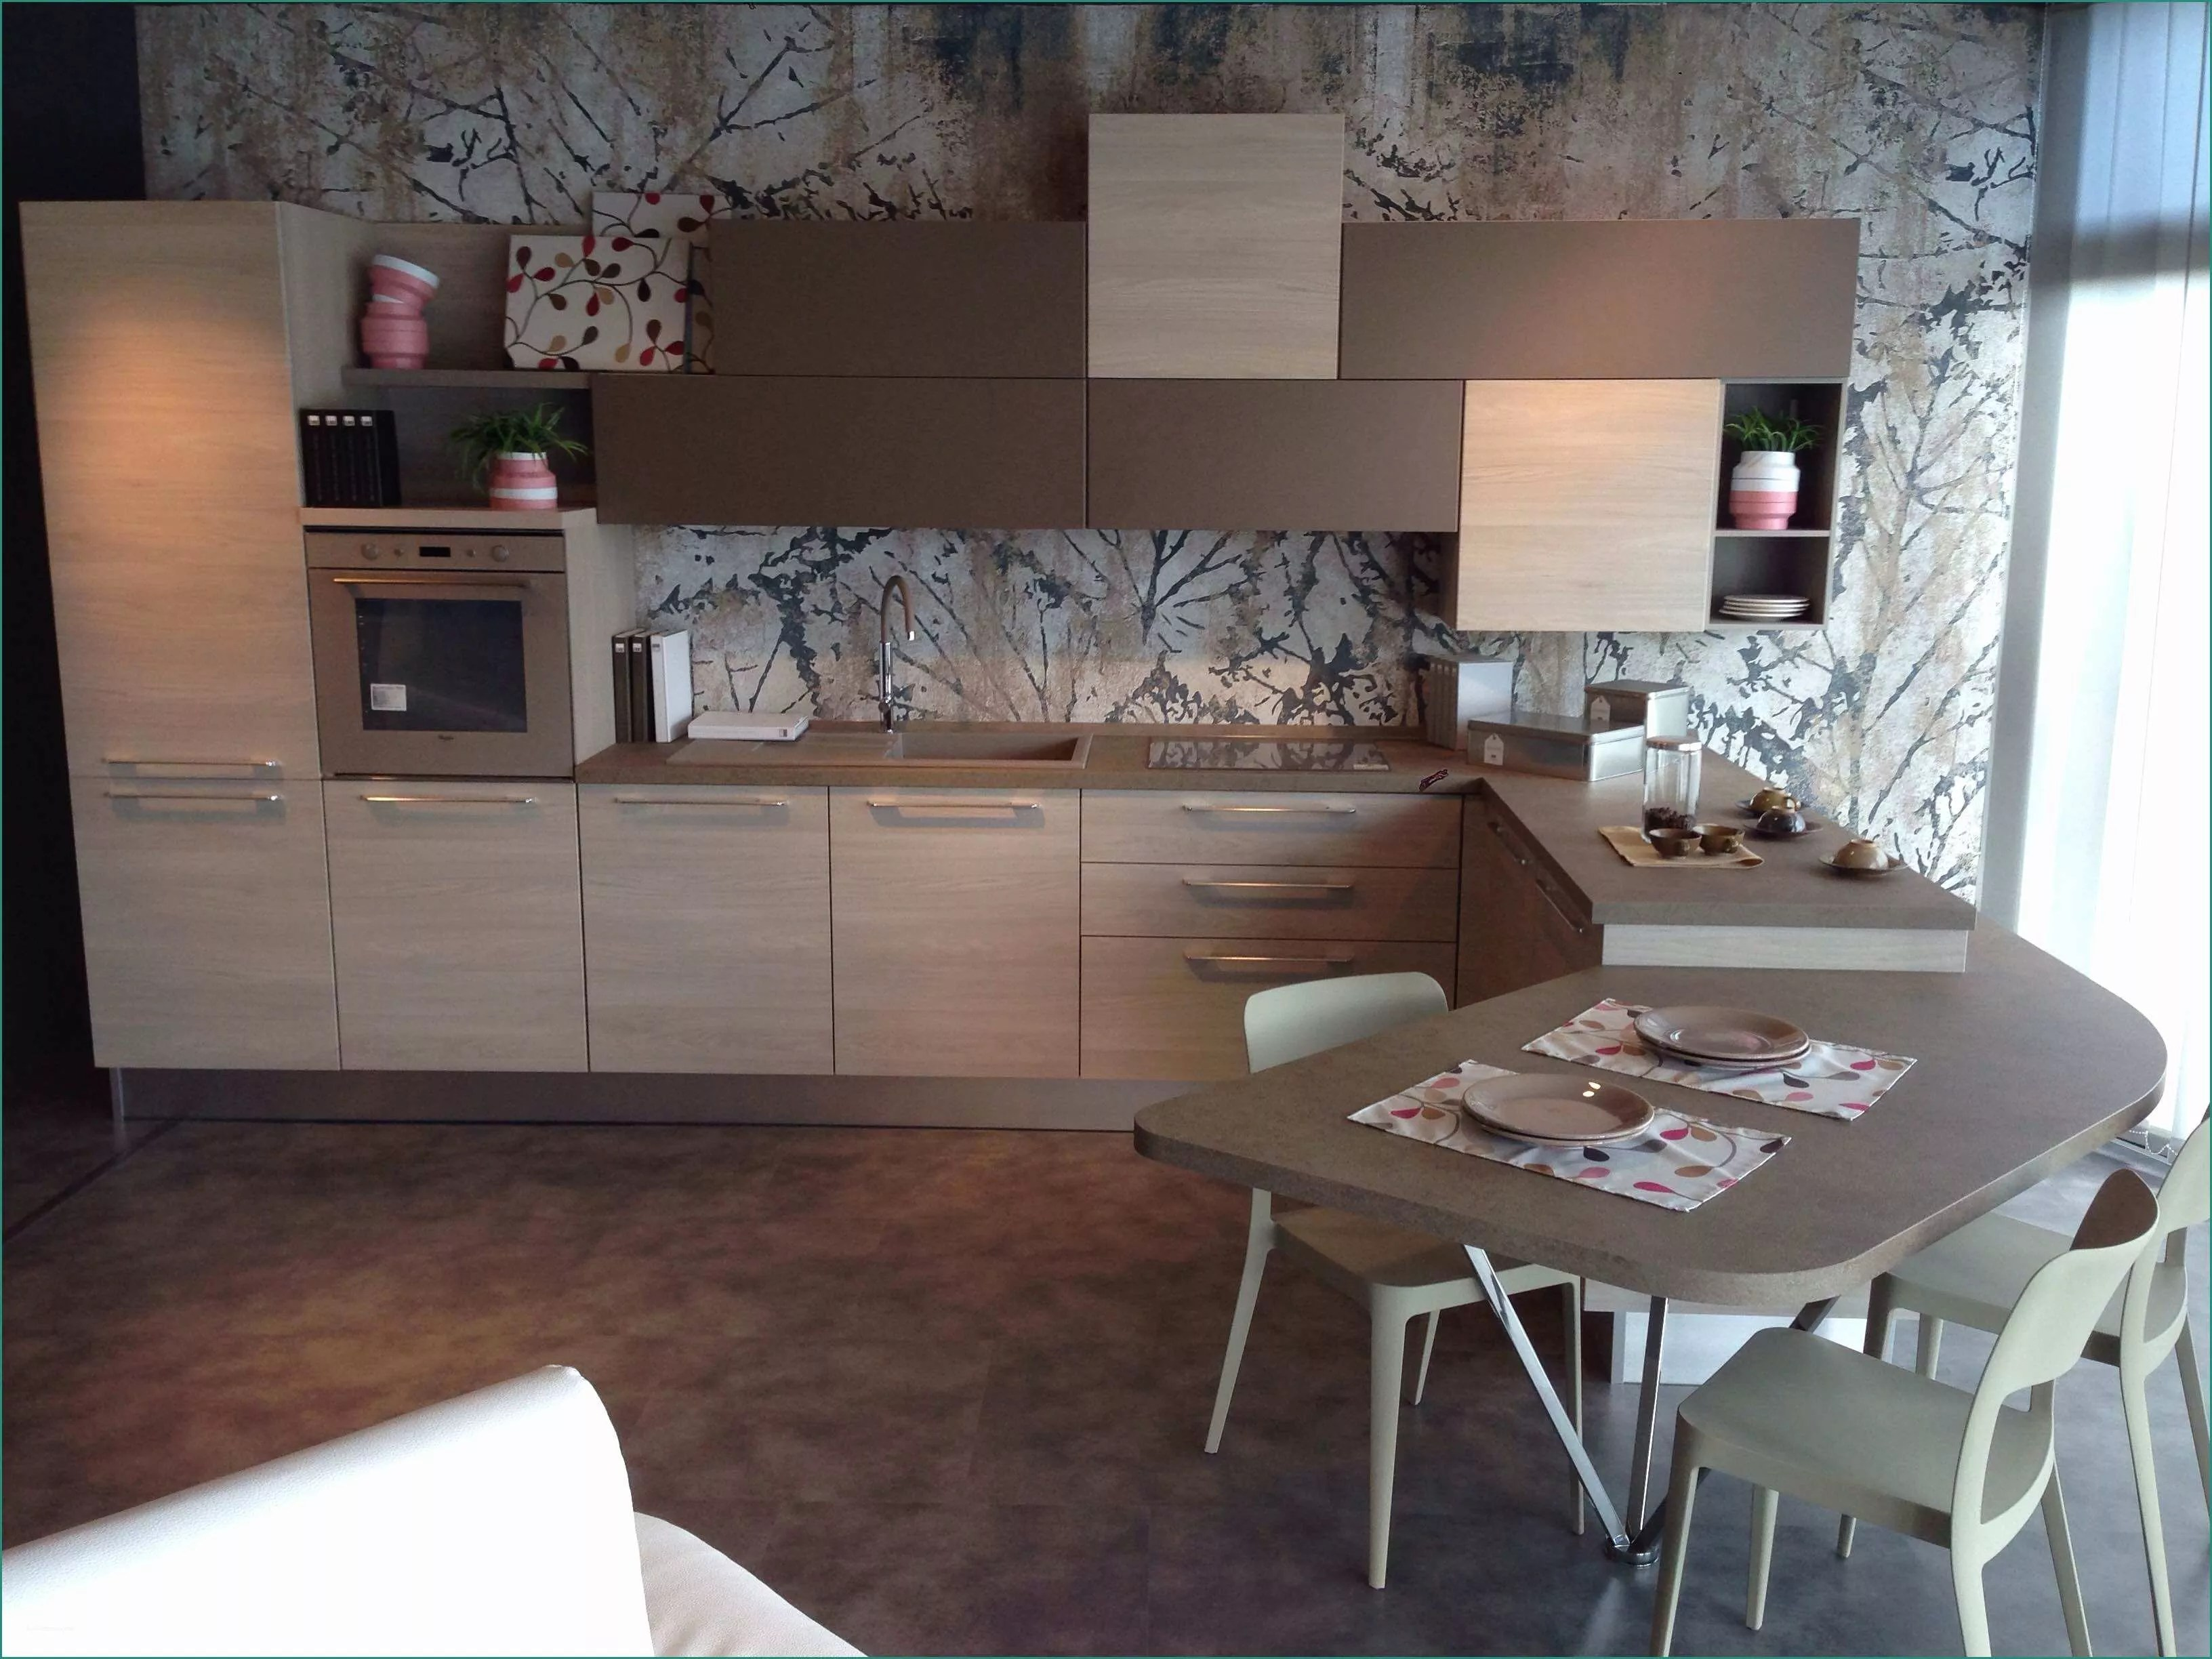 Vendita Cucine On Line | Cucine Componibili Profondit 45 Cm Con ...